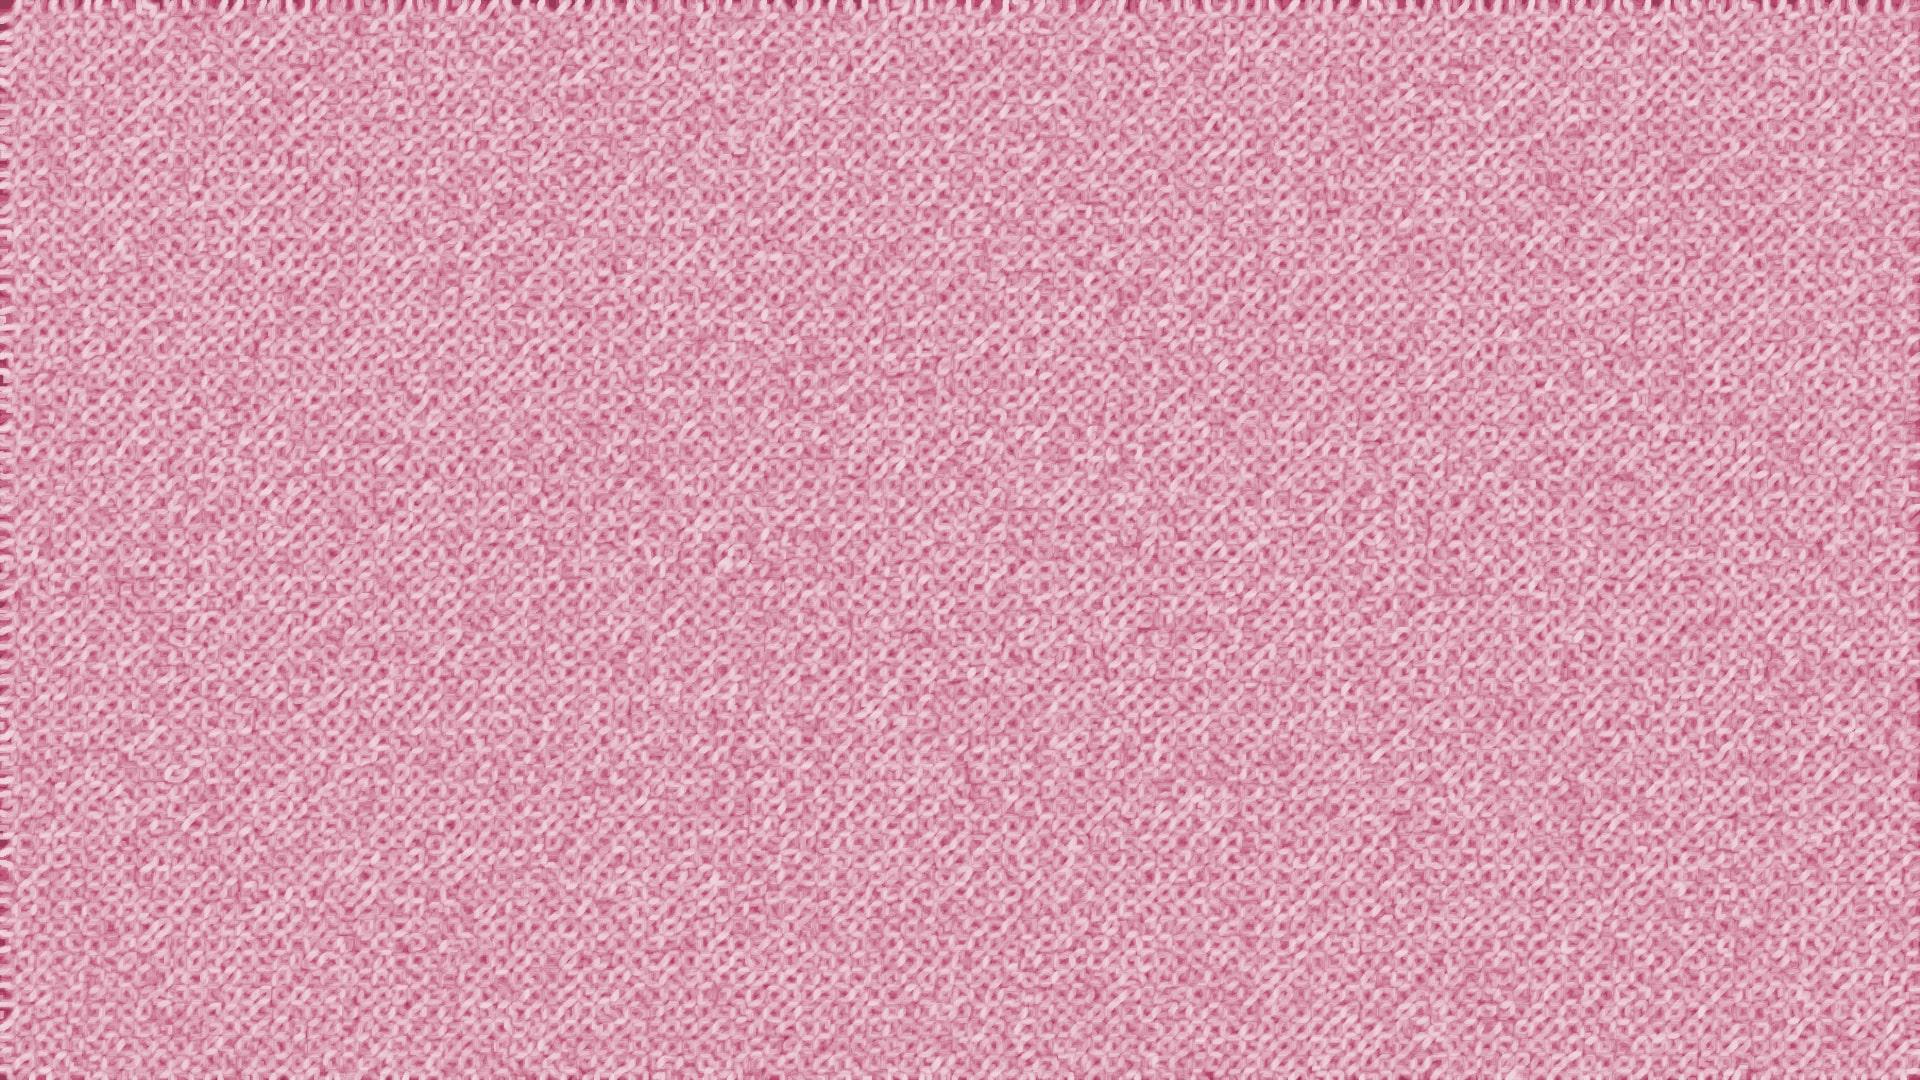 タオル生地_pink